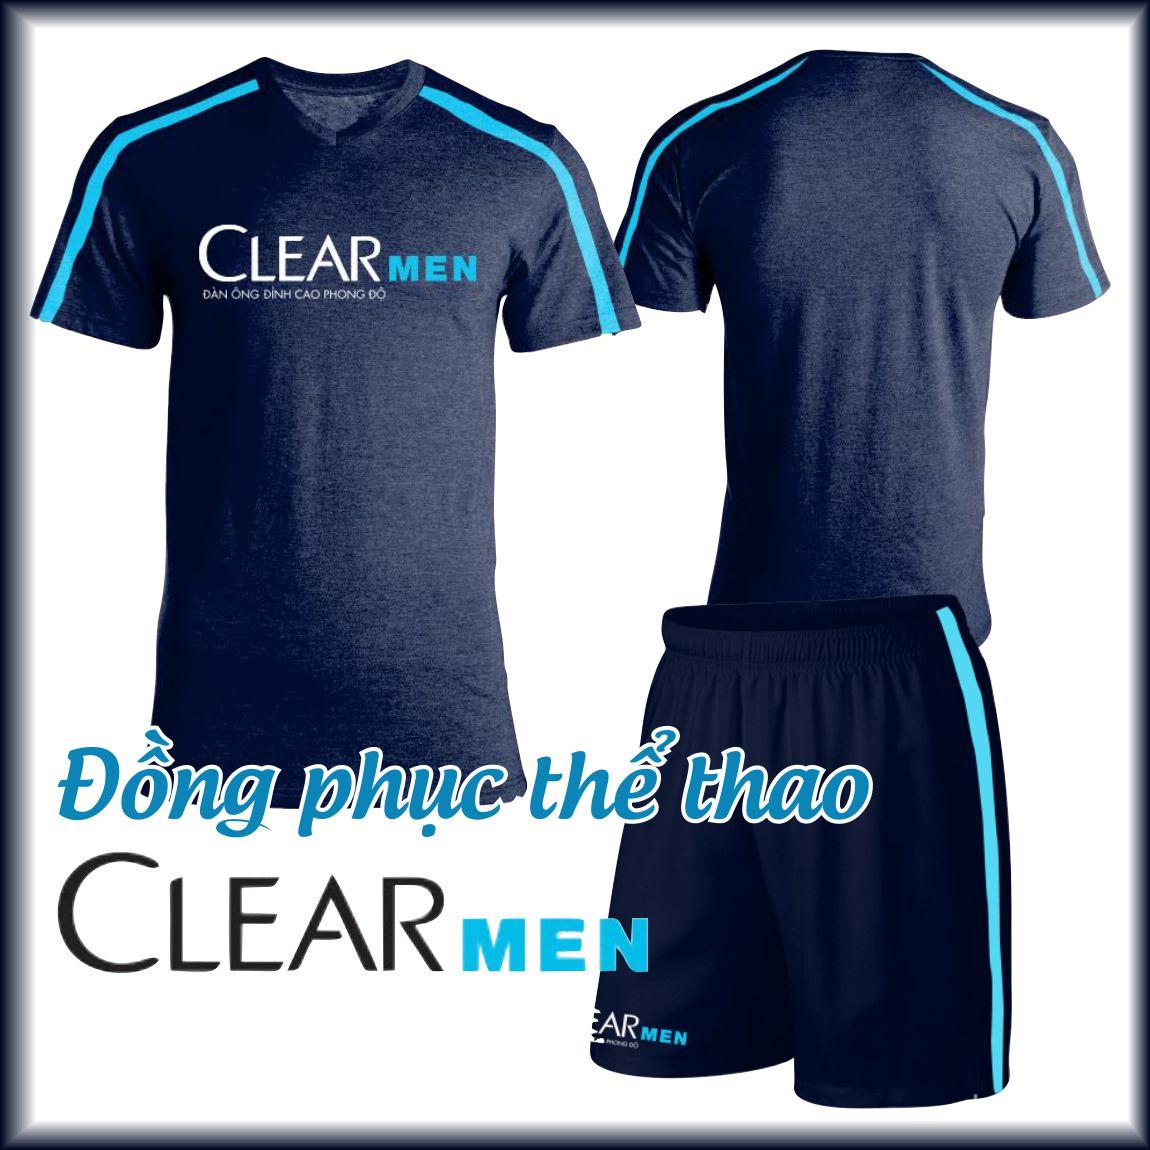 13.Clear men